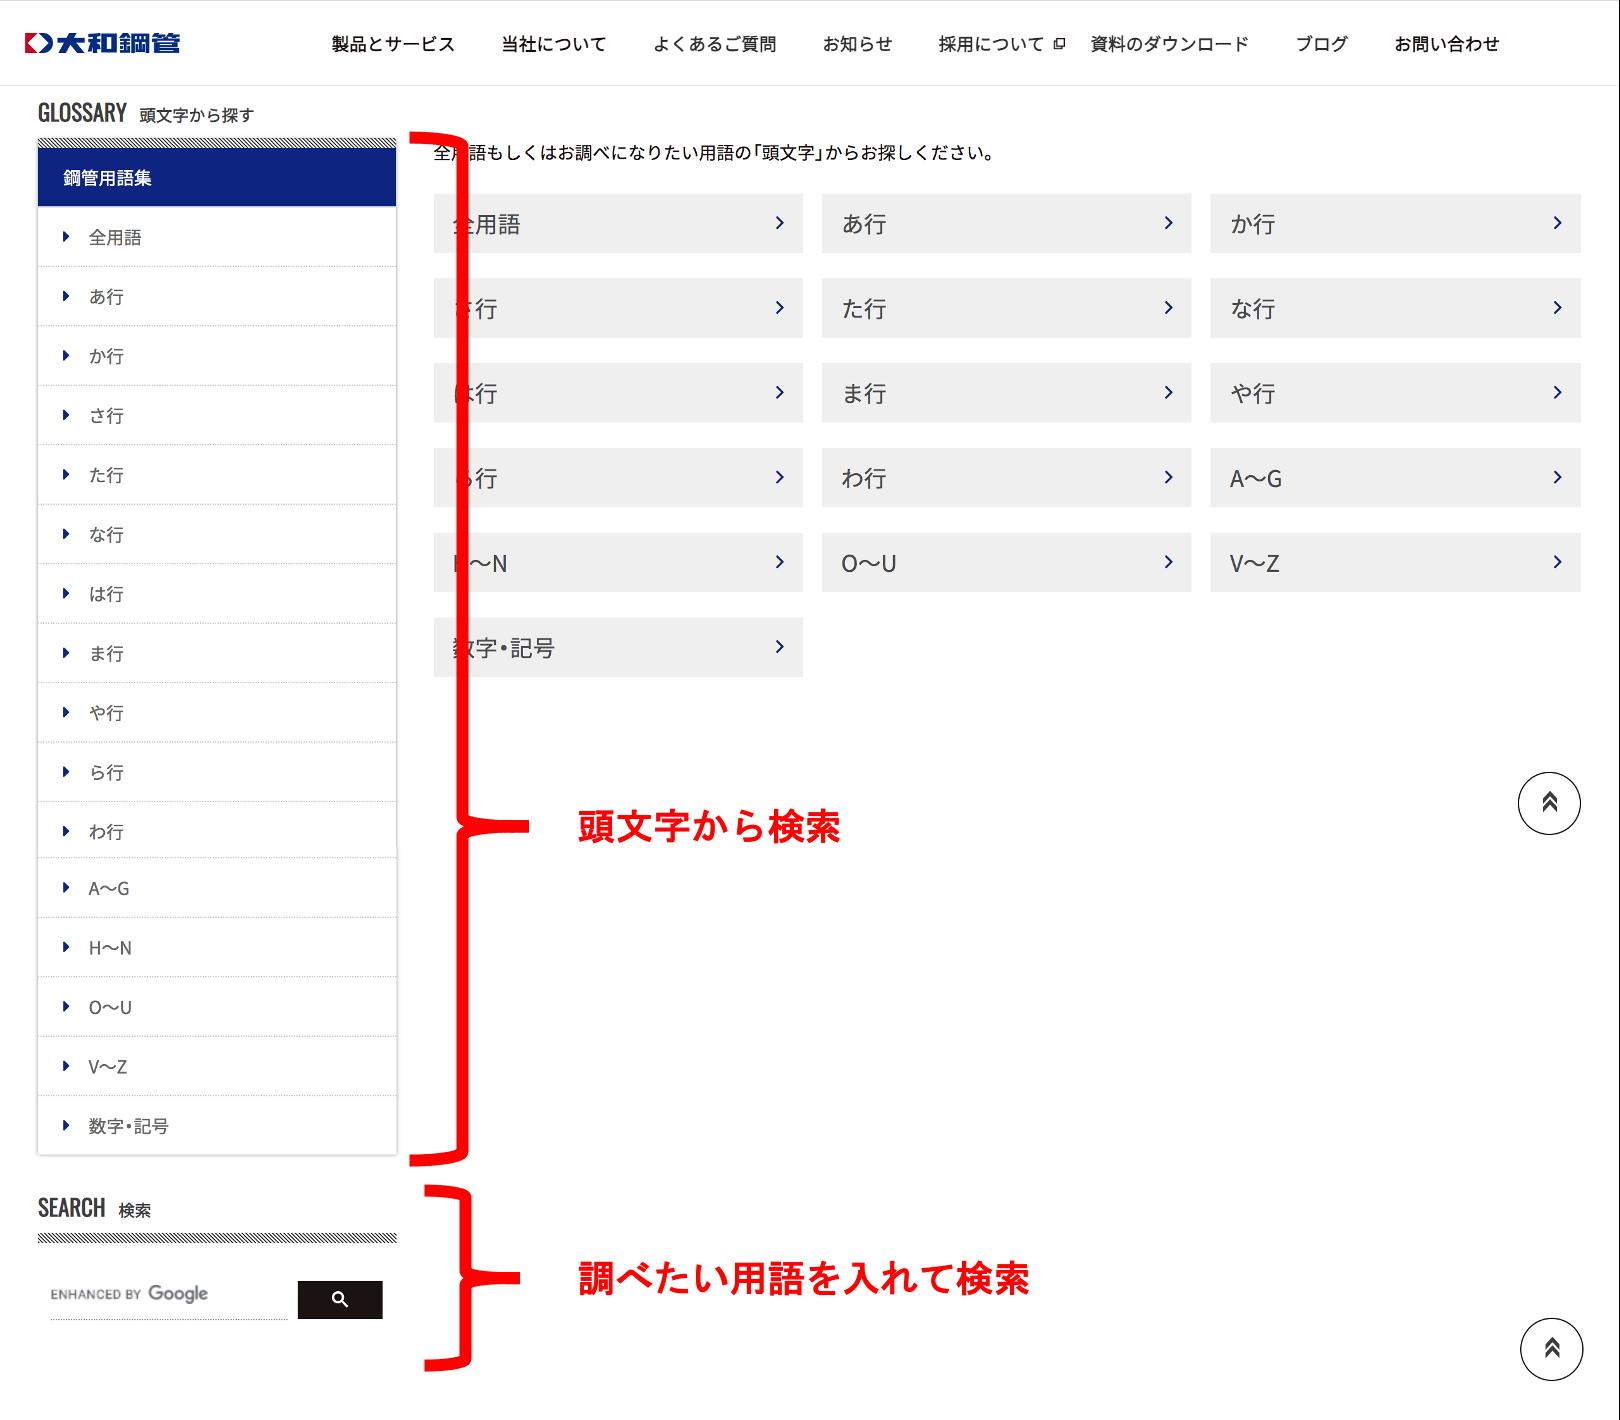 用語集?!大和鋼管ウェブサイトの新設ページについて。(^_^)v